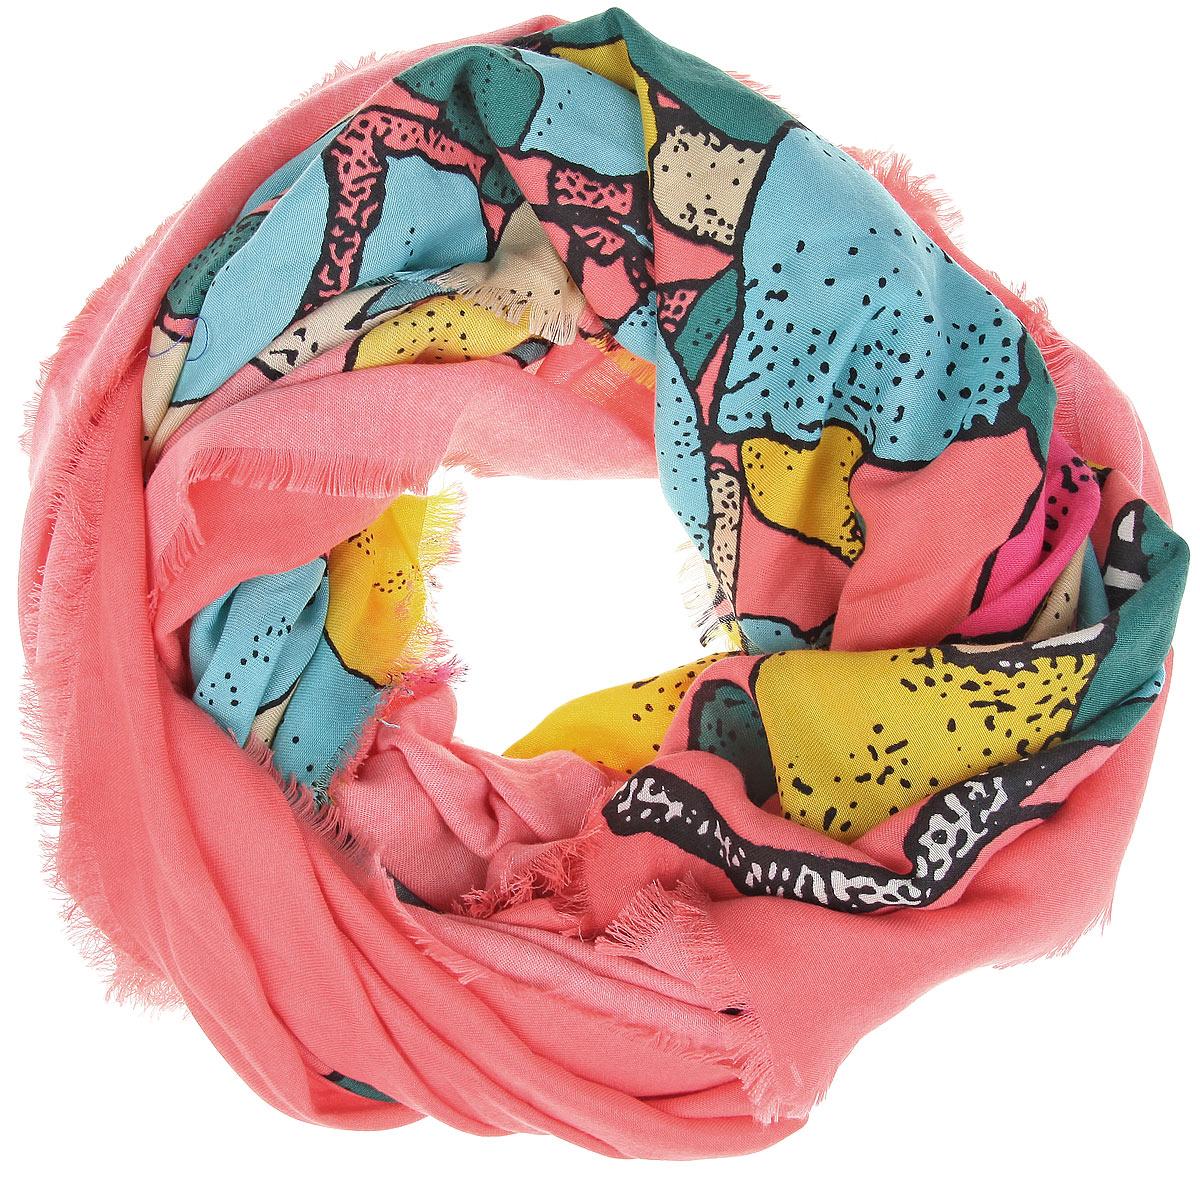 Платок женский Sophie Ramage, цвет: лососевый, мультицвет. BH-11522-9. Размер 130 см x 130 смBH-11522-9Великолепный платок Sophie Ramage станет изысканным аксессуаром, который подчеркнет ваши индивидуальность и очарование. Платок изготовлен из модала с добавлением кашемира и оформлен эффектным цветочным узором. Края модели украшены короткой бахромой. Платок Sophie Ramage станет вашим верным спутником, а окружающие обязательно будут обращать свое восторженное внимание на вас.